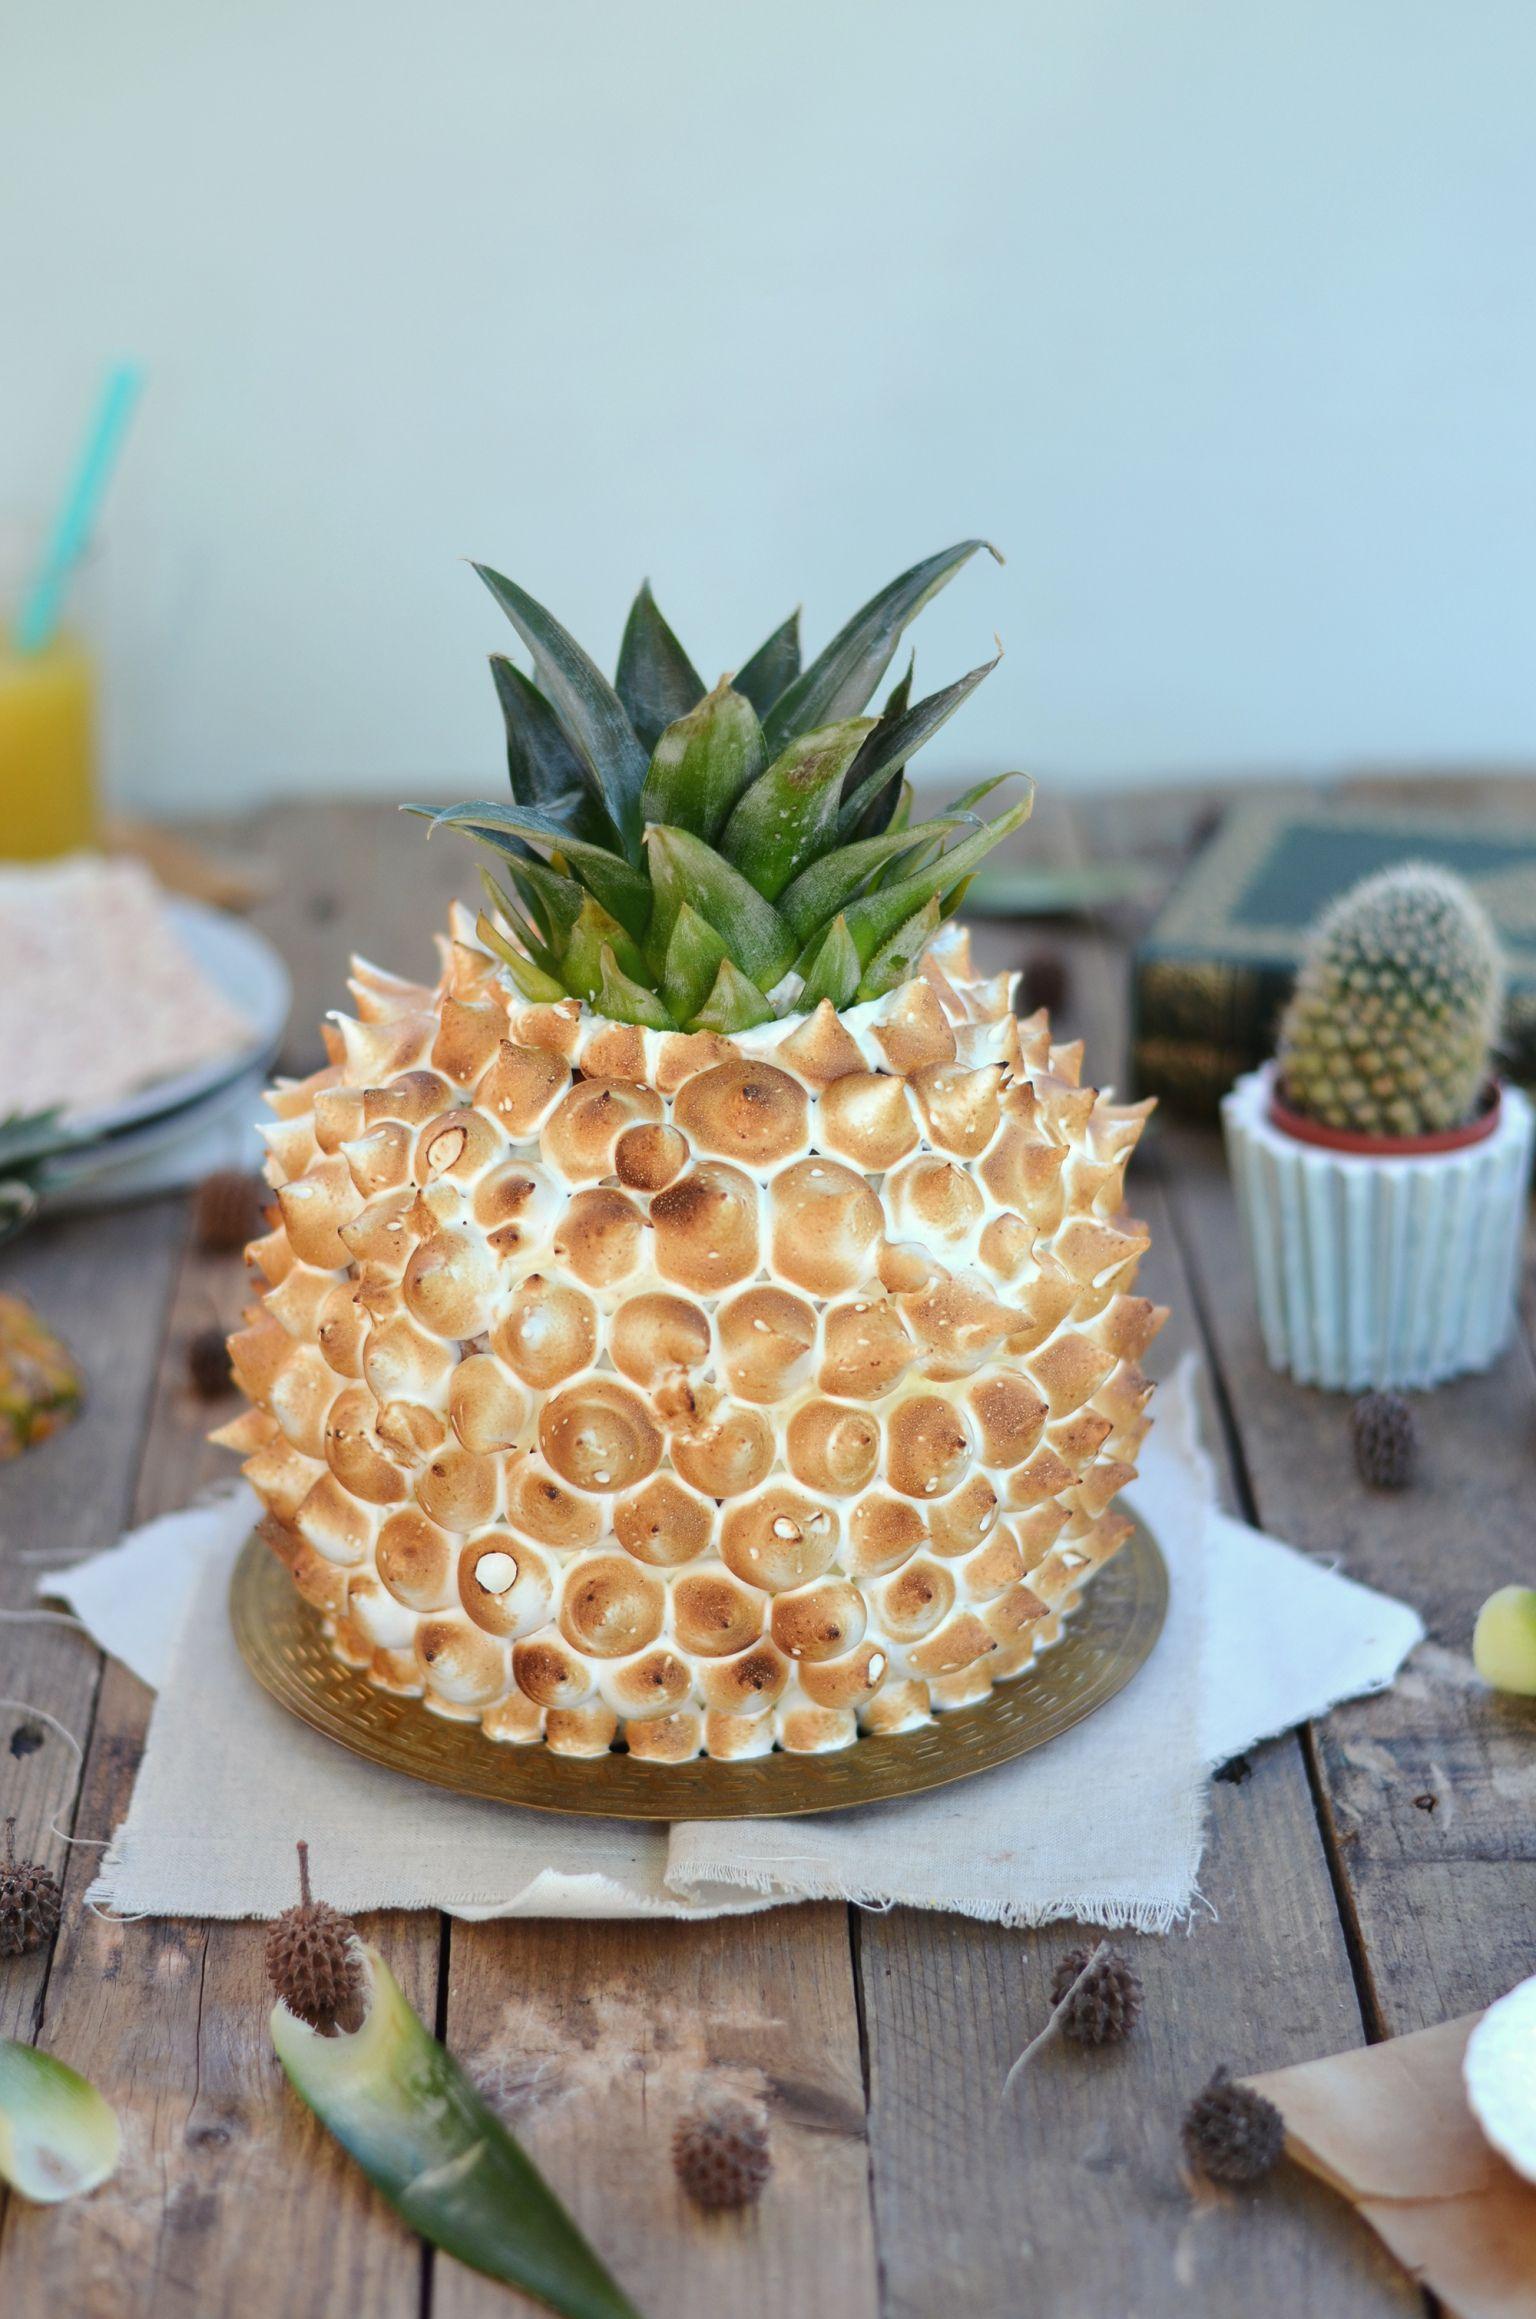 Gâteau ananas - Biscuit coco, crème mascarpone, morceaux d'ananas frais et meringue